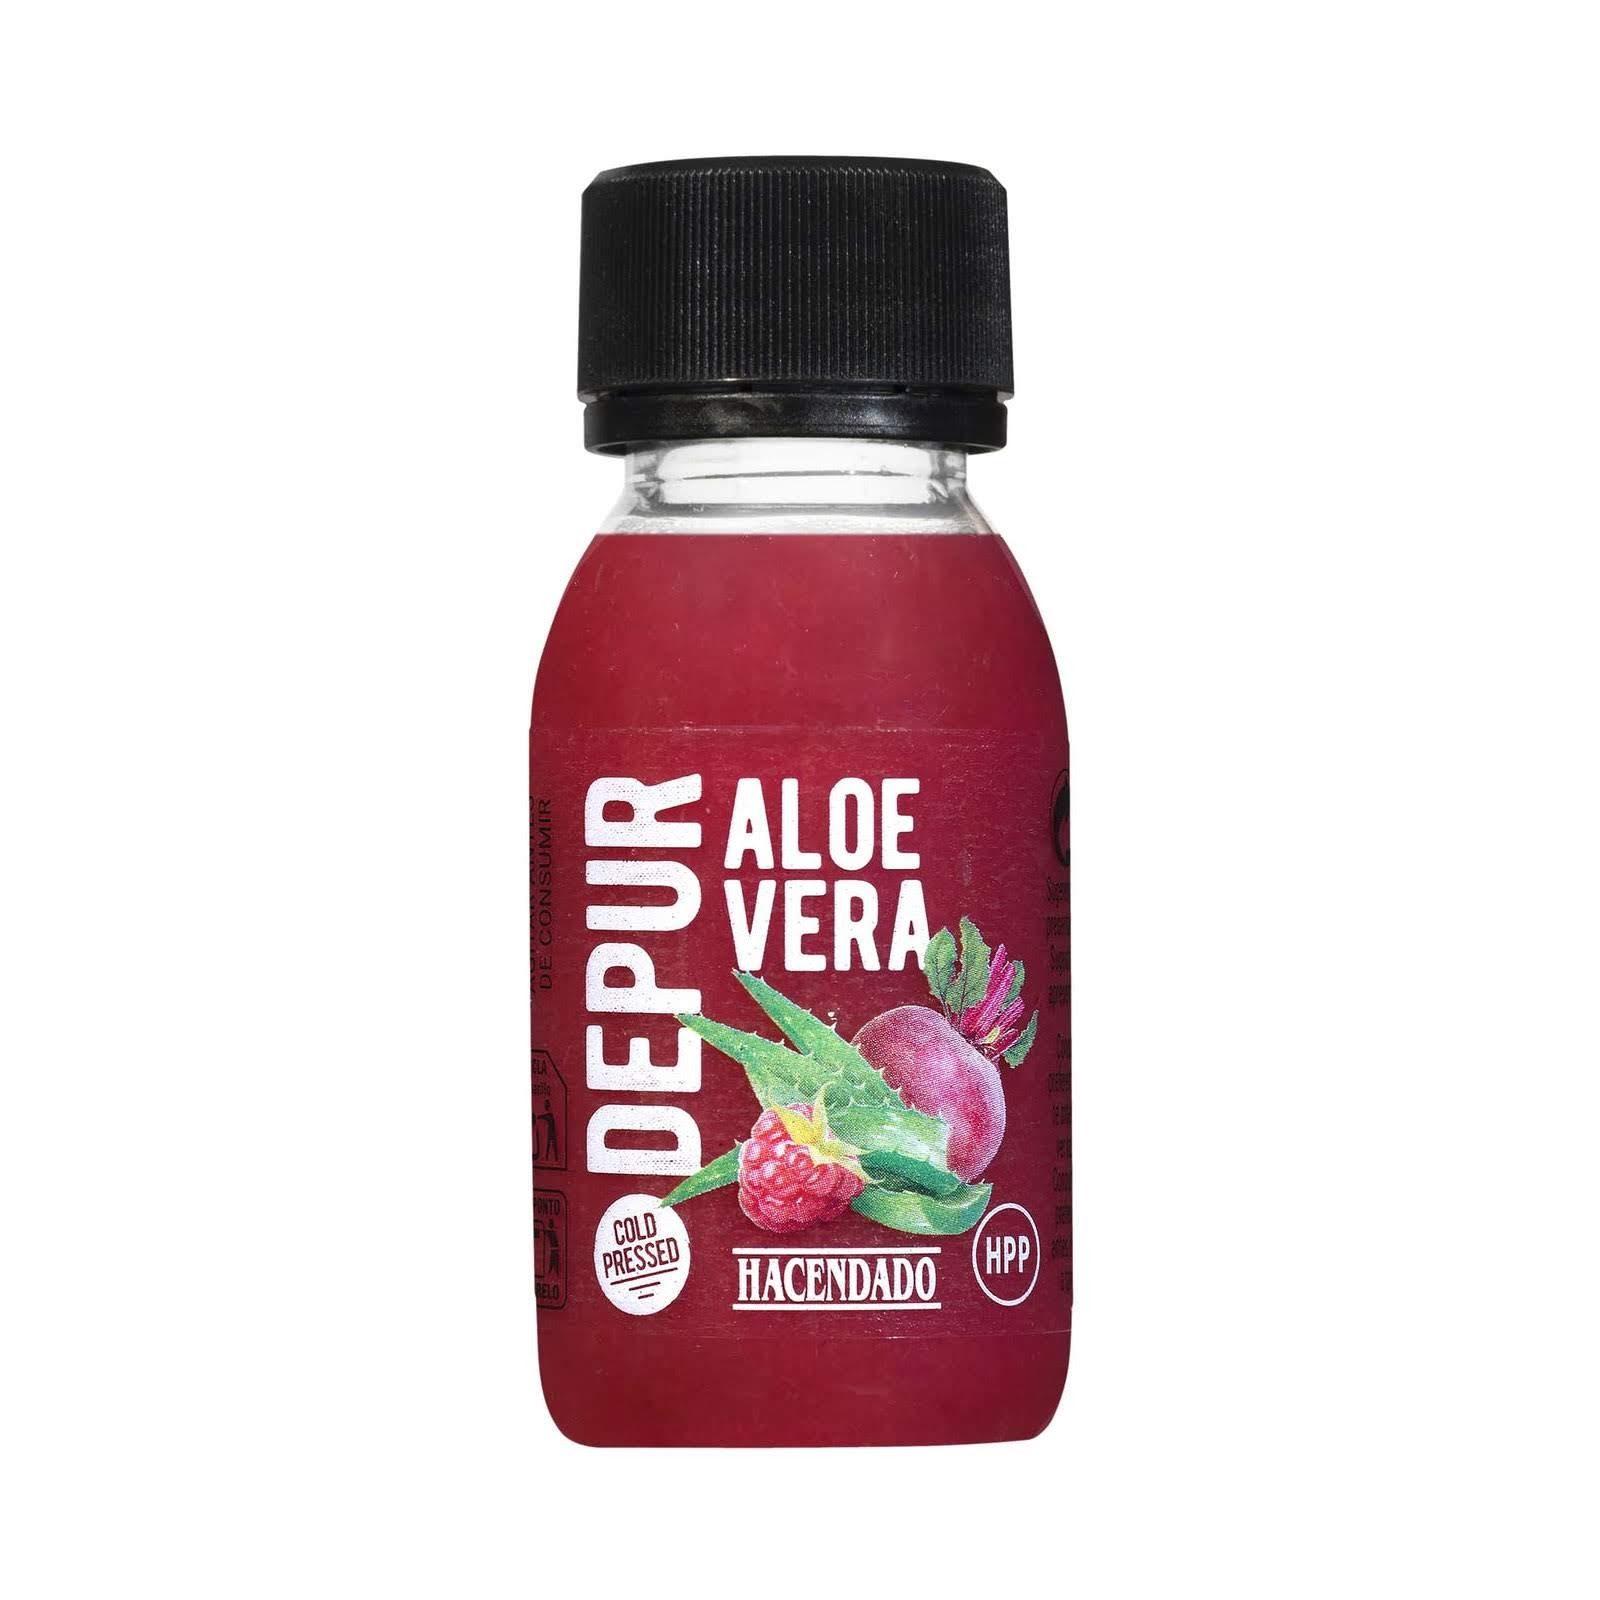 shot-depur-aloe-vera-hacendado-mercadona-1-9338669